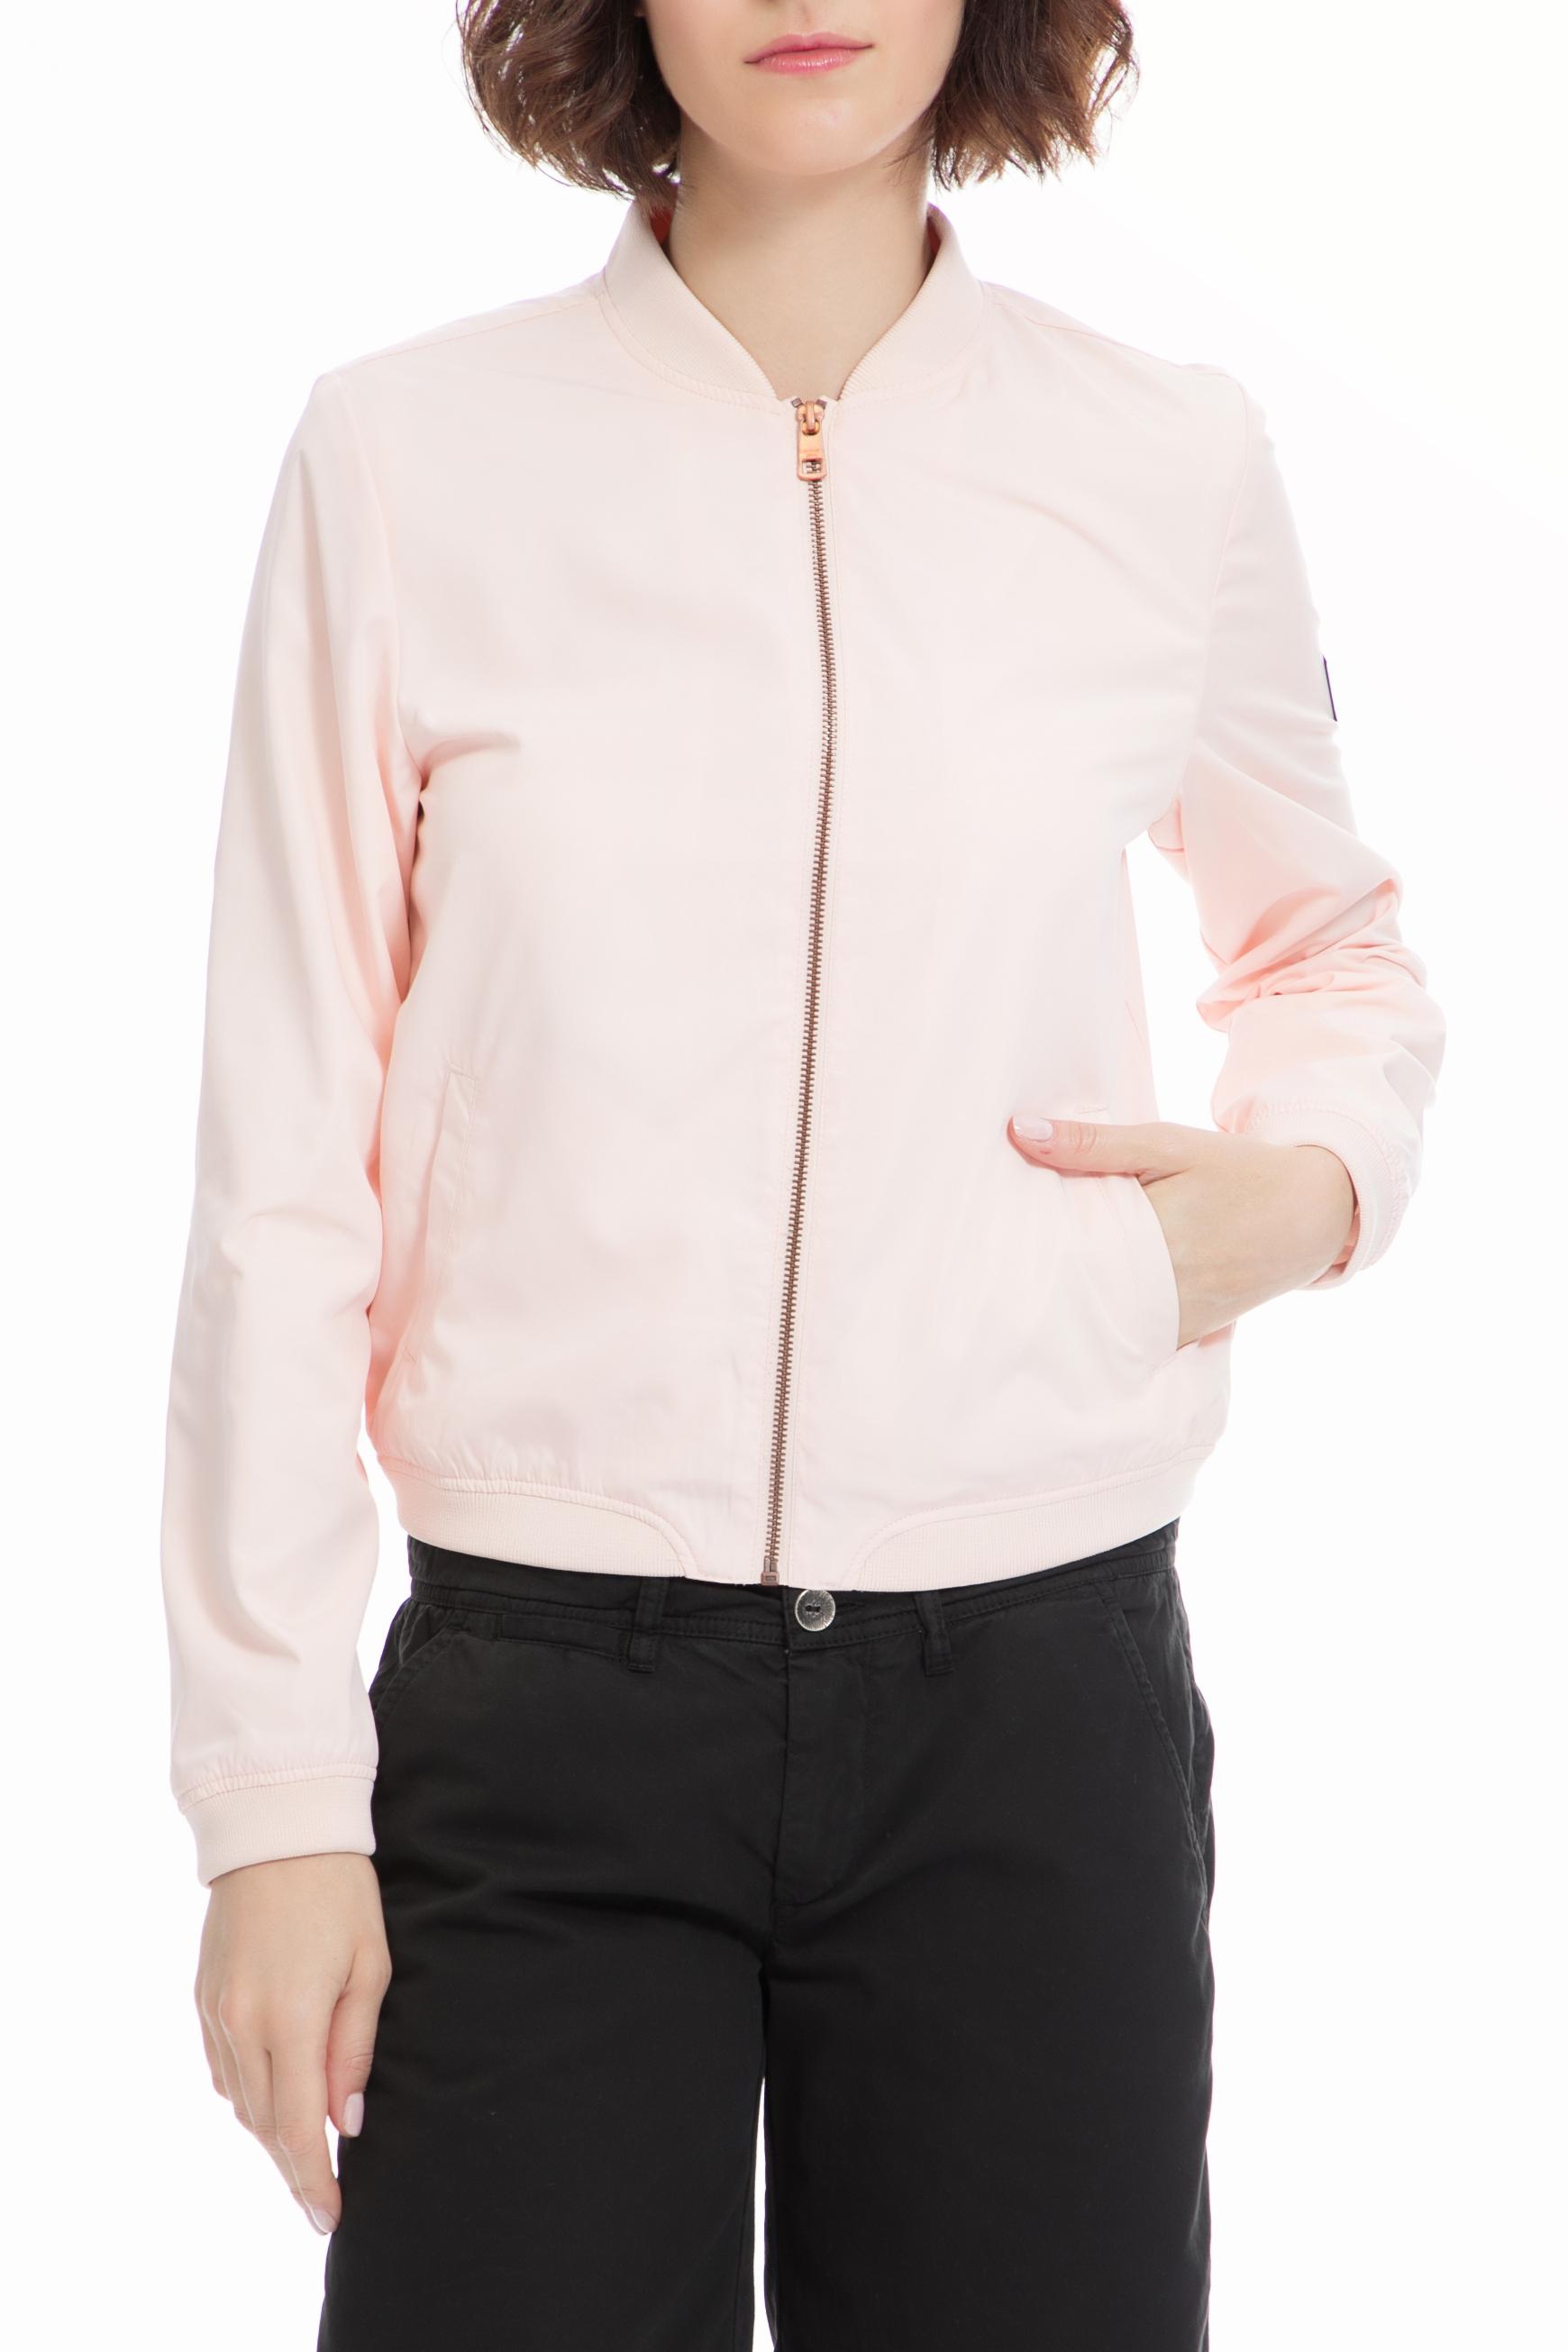 CALVIN KLEIN JEANS – Γυναικείο μπουφάν CALVIN KLEIN JEANS ροζ